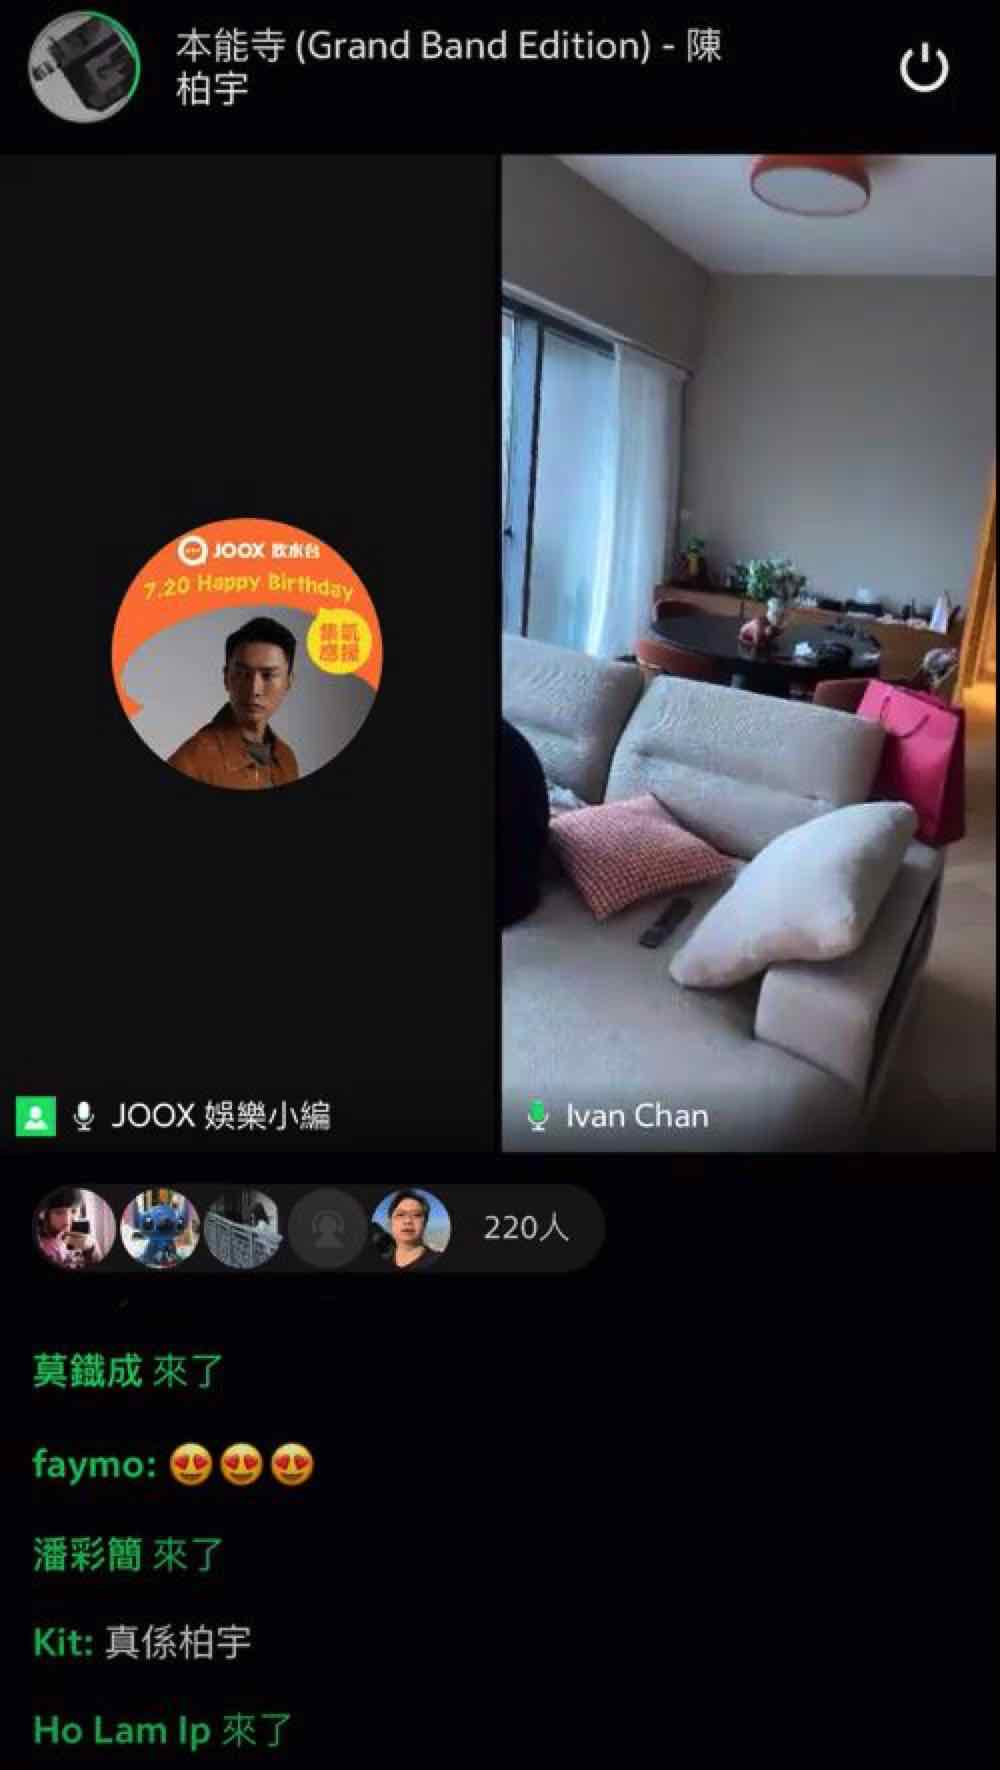 陳柏宇 JOOX